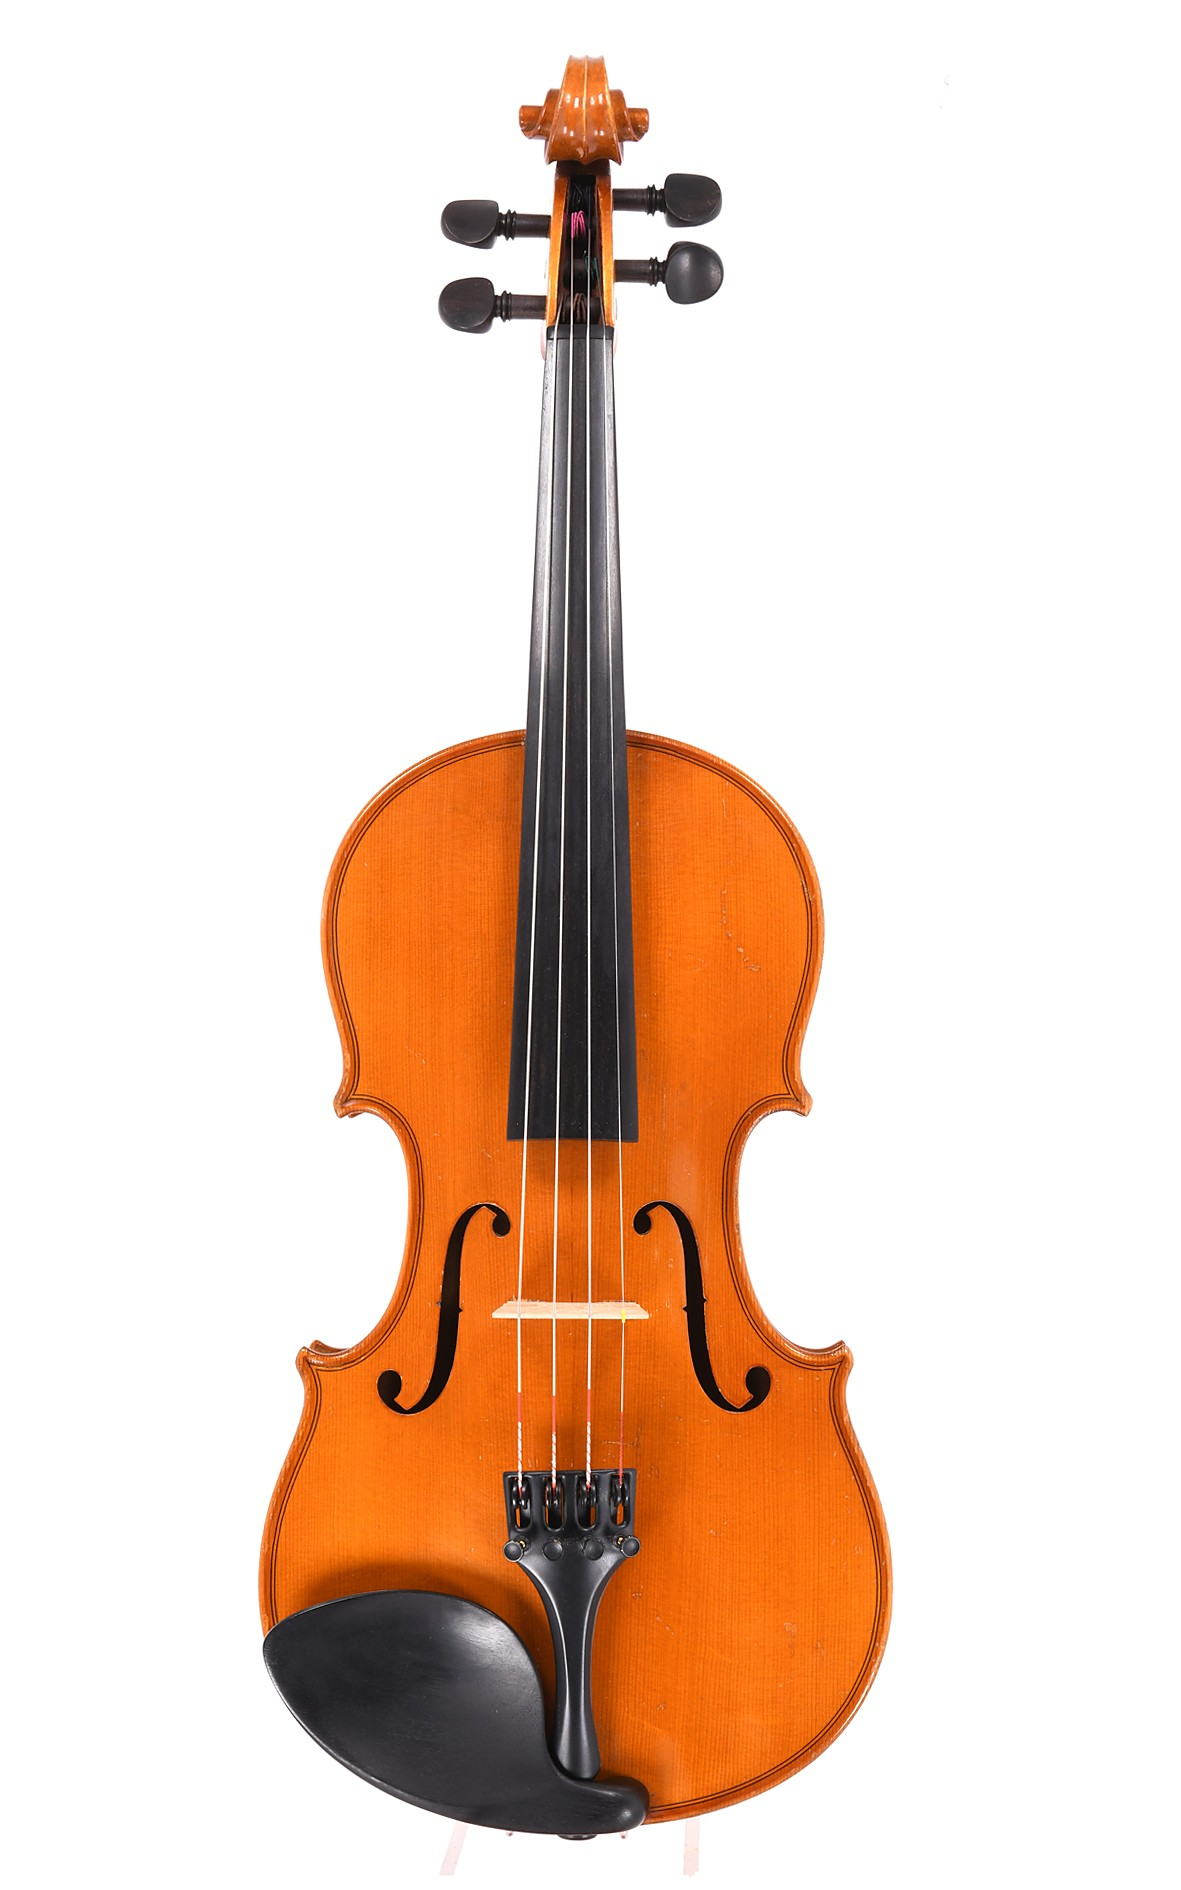 Markneukirchener Geige mit brilliantem, hellem Klang